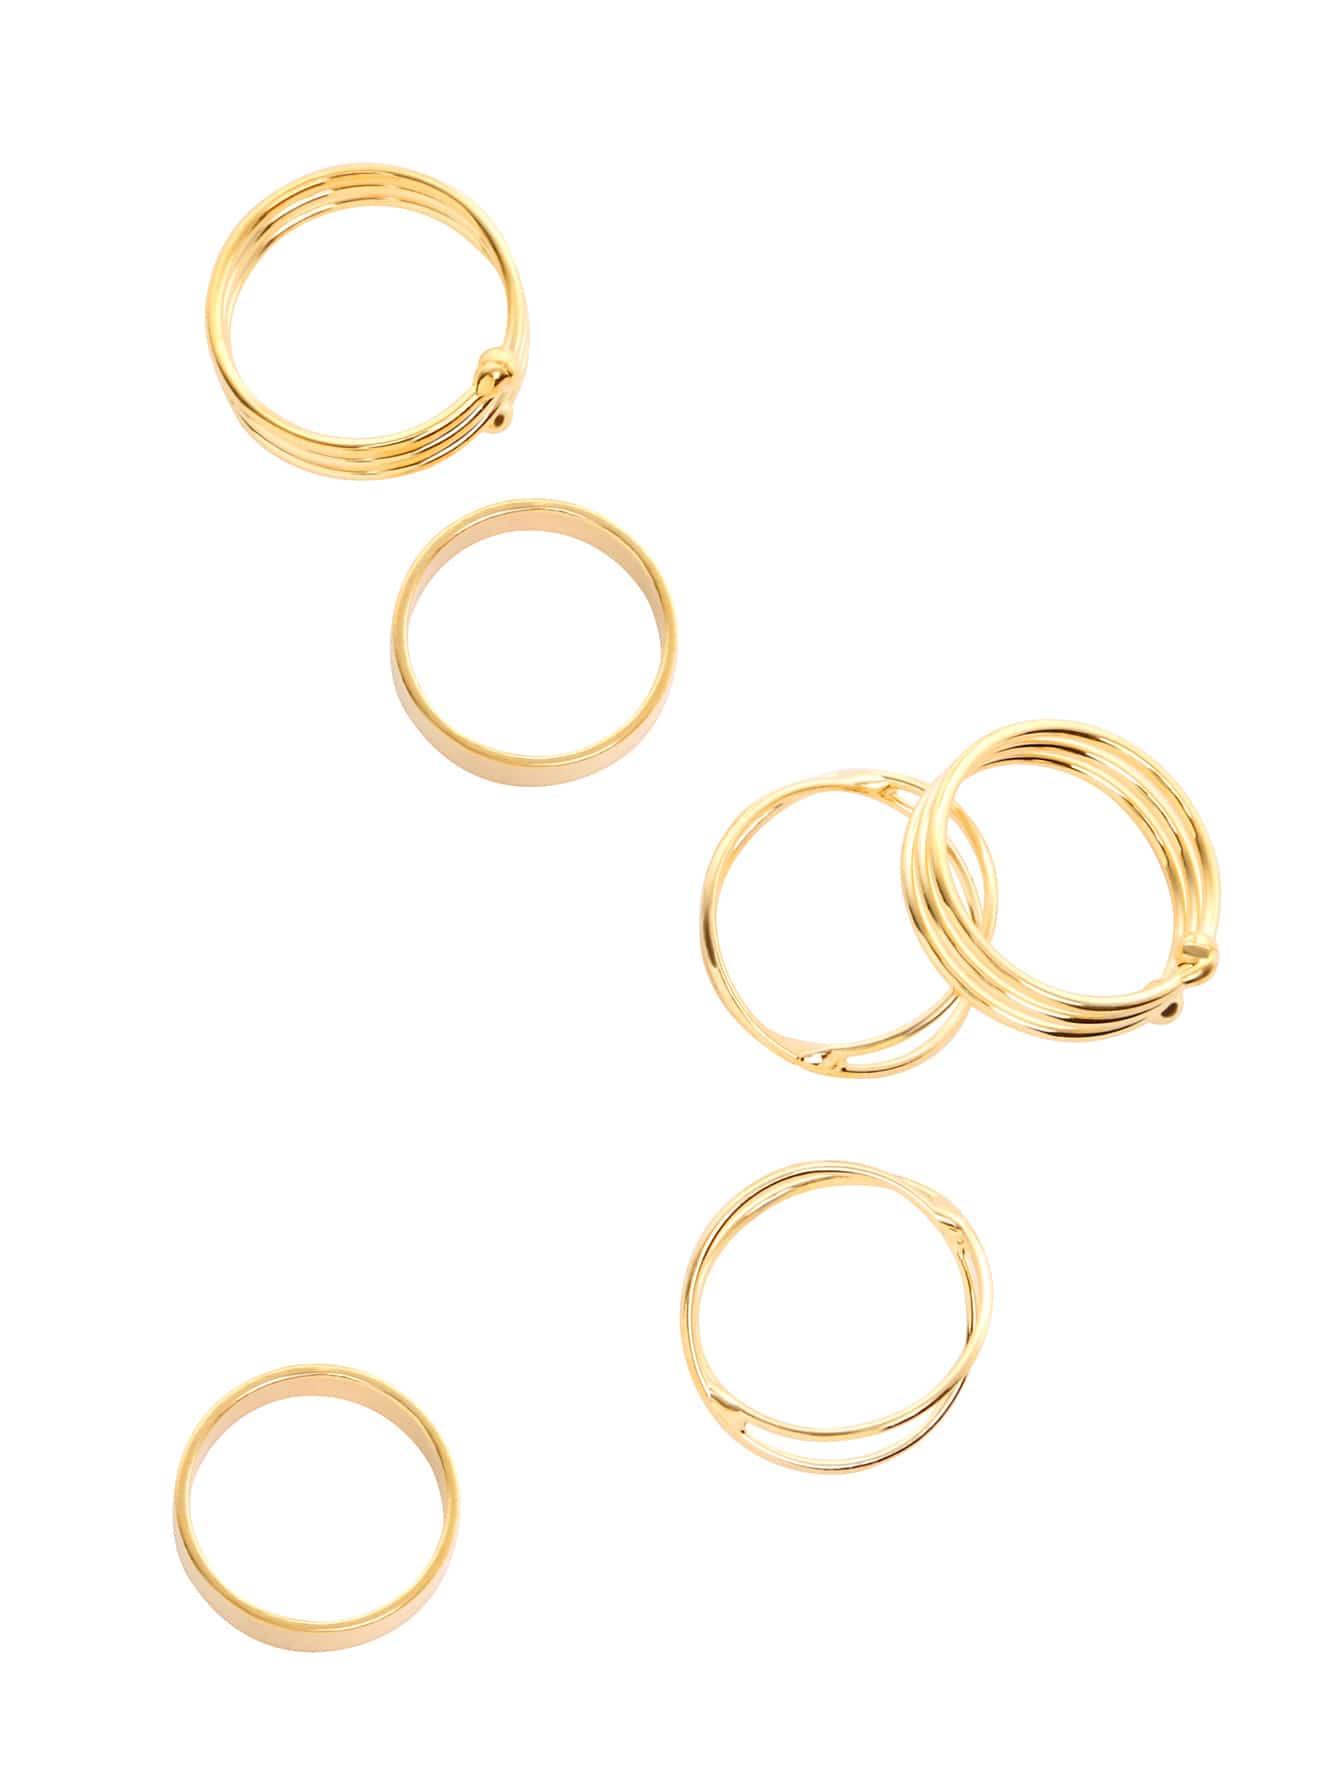 Фото Gold Wrap Ring Set 6PCS. Купить с доставкой